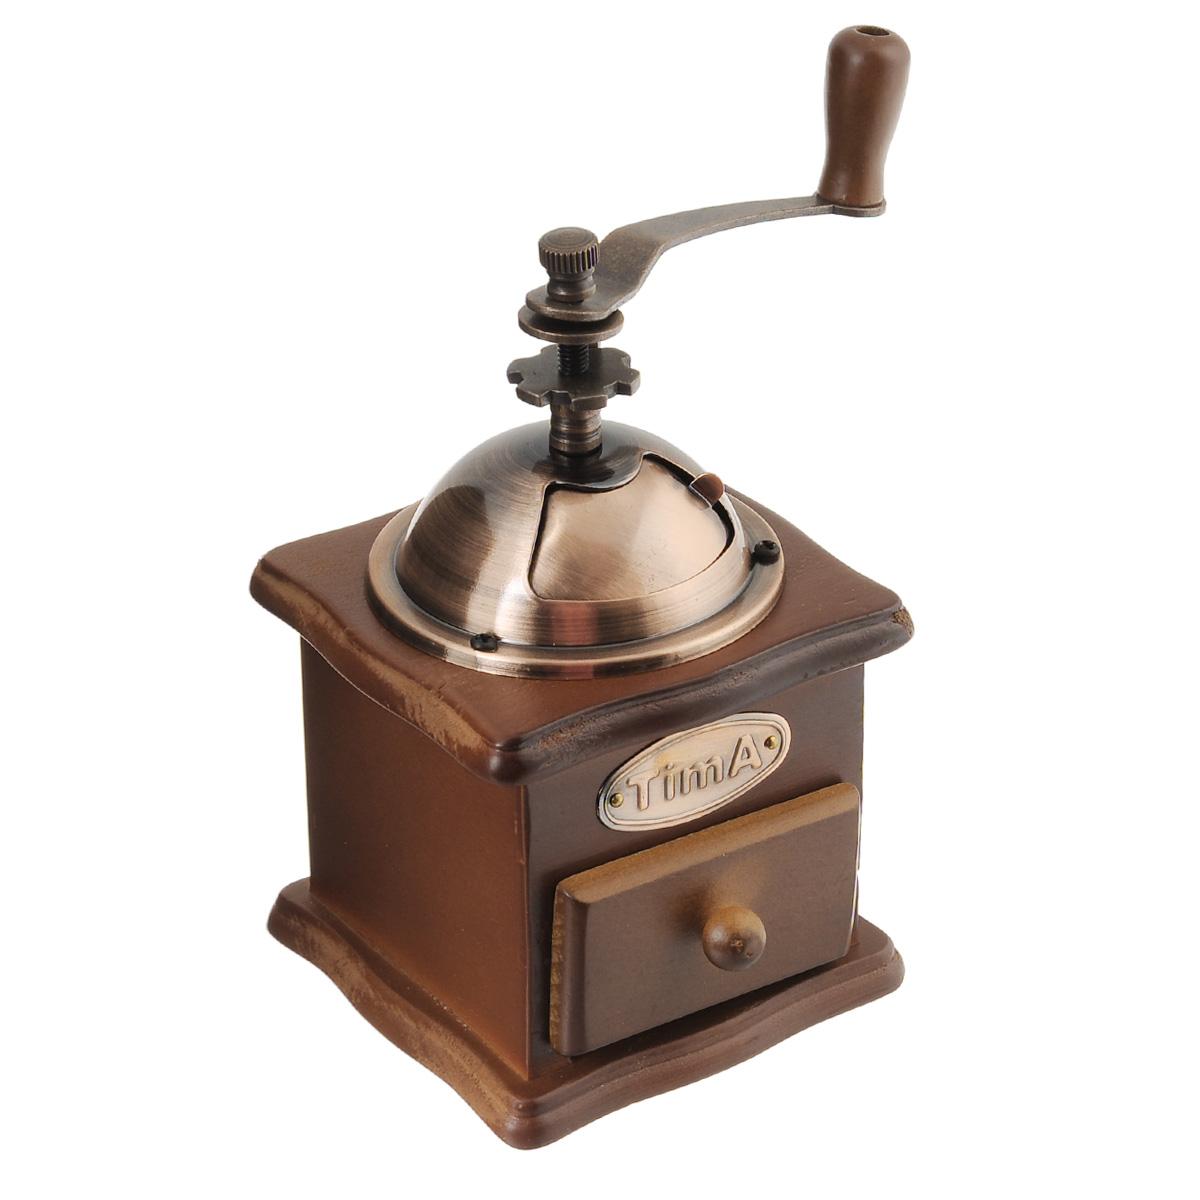 Кофемолка ручная TimA. SL-008SL-008Ручная кофемолка TimA, выполненная из дерева и металла, сочетает в себе эстетичность и функциональность. Она оснащена выдвижным деревянным ящичком для молотого кофе, металлической воронкой и удобной элегантной ручкой для помола. Изделие снабжено внутренним керамическим механизмом. Вы сможете регулировать степень помола от мелкого до крупного. Инструкция по регулировке степени помола имеется на упаковке изделия. Такая кофемолка станет незаменимым помощником на вашей кухне. Высота кофемолки: 16 см. Размер основания кофемолки: 10 см х 10 см.